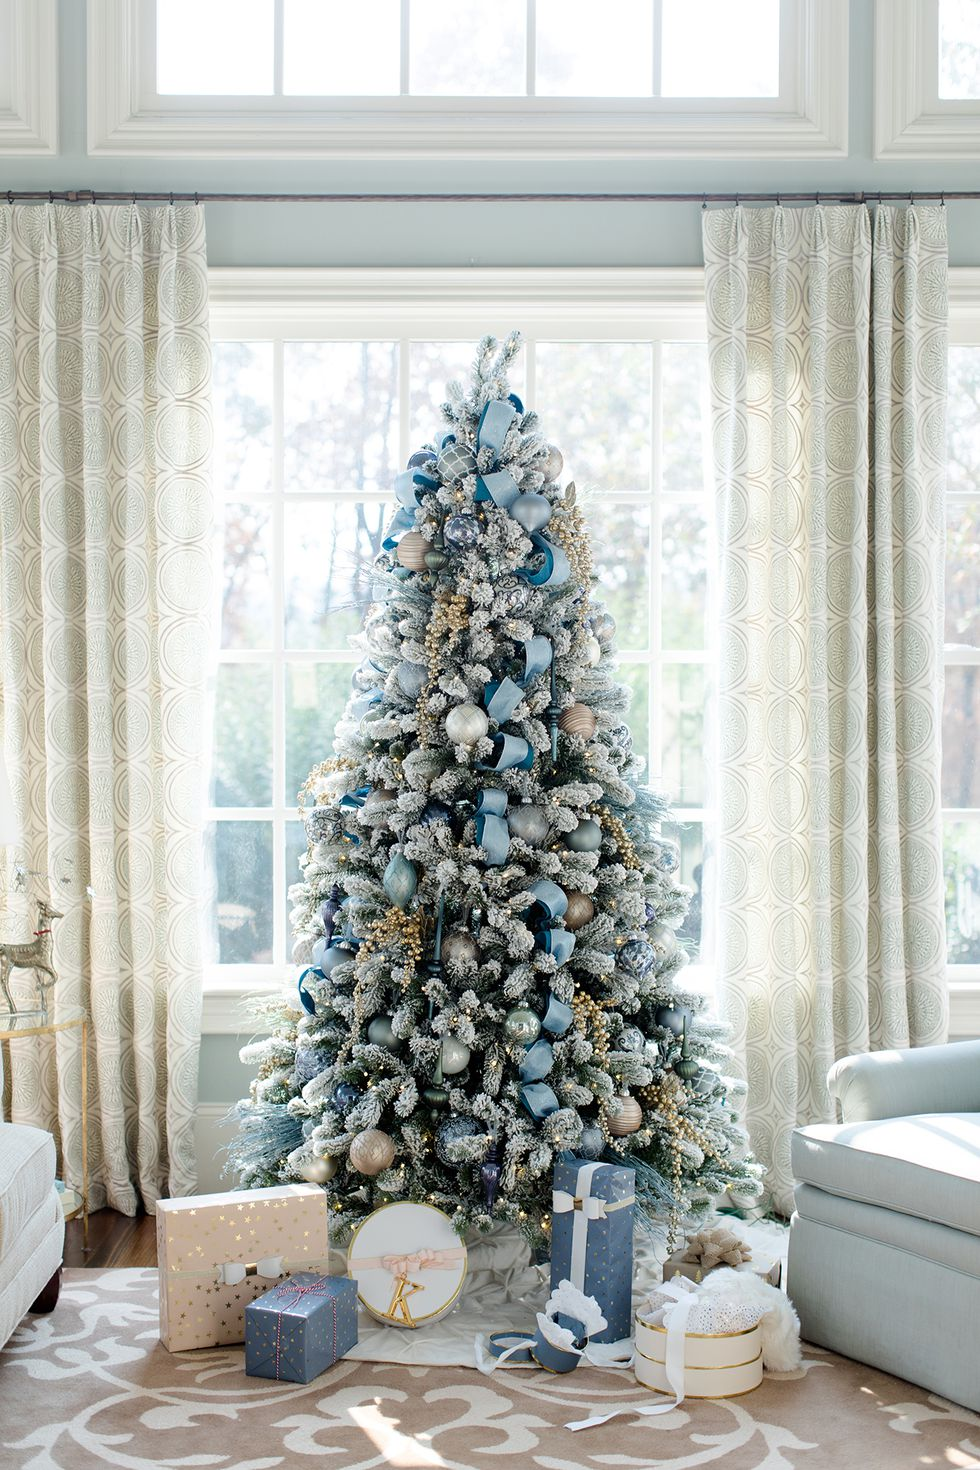 Albero di Natale 2018 nei toni dellazzurro